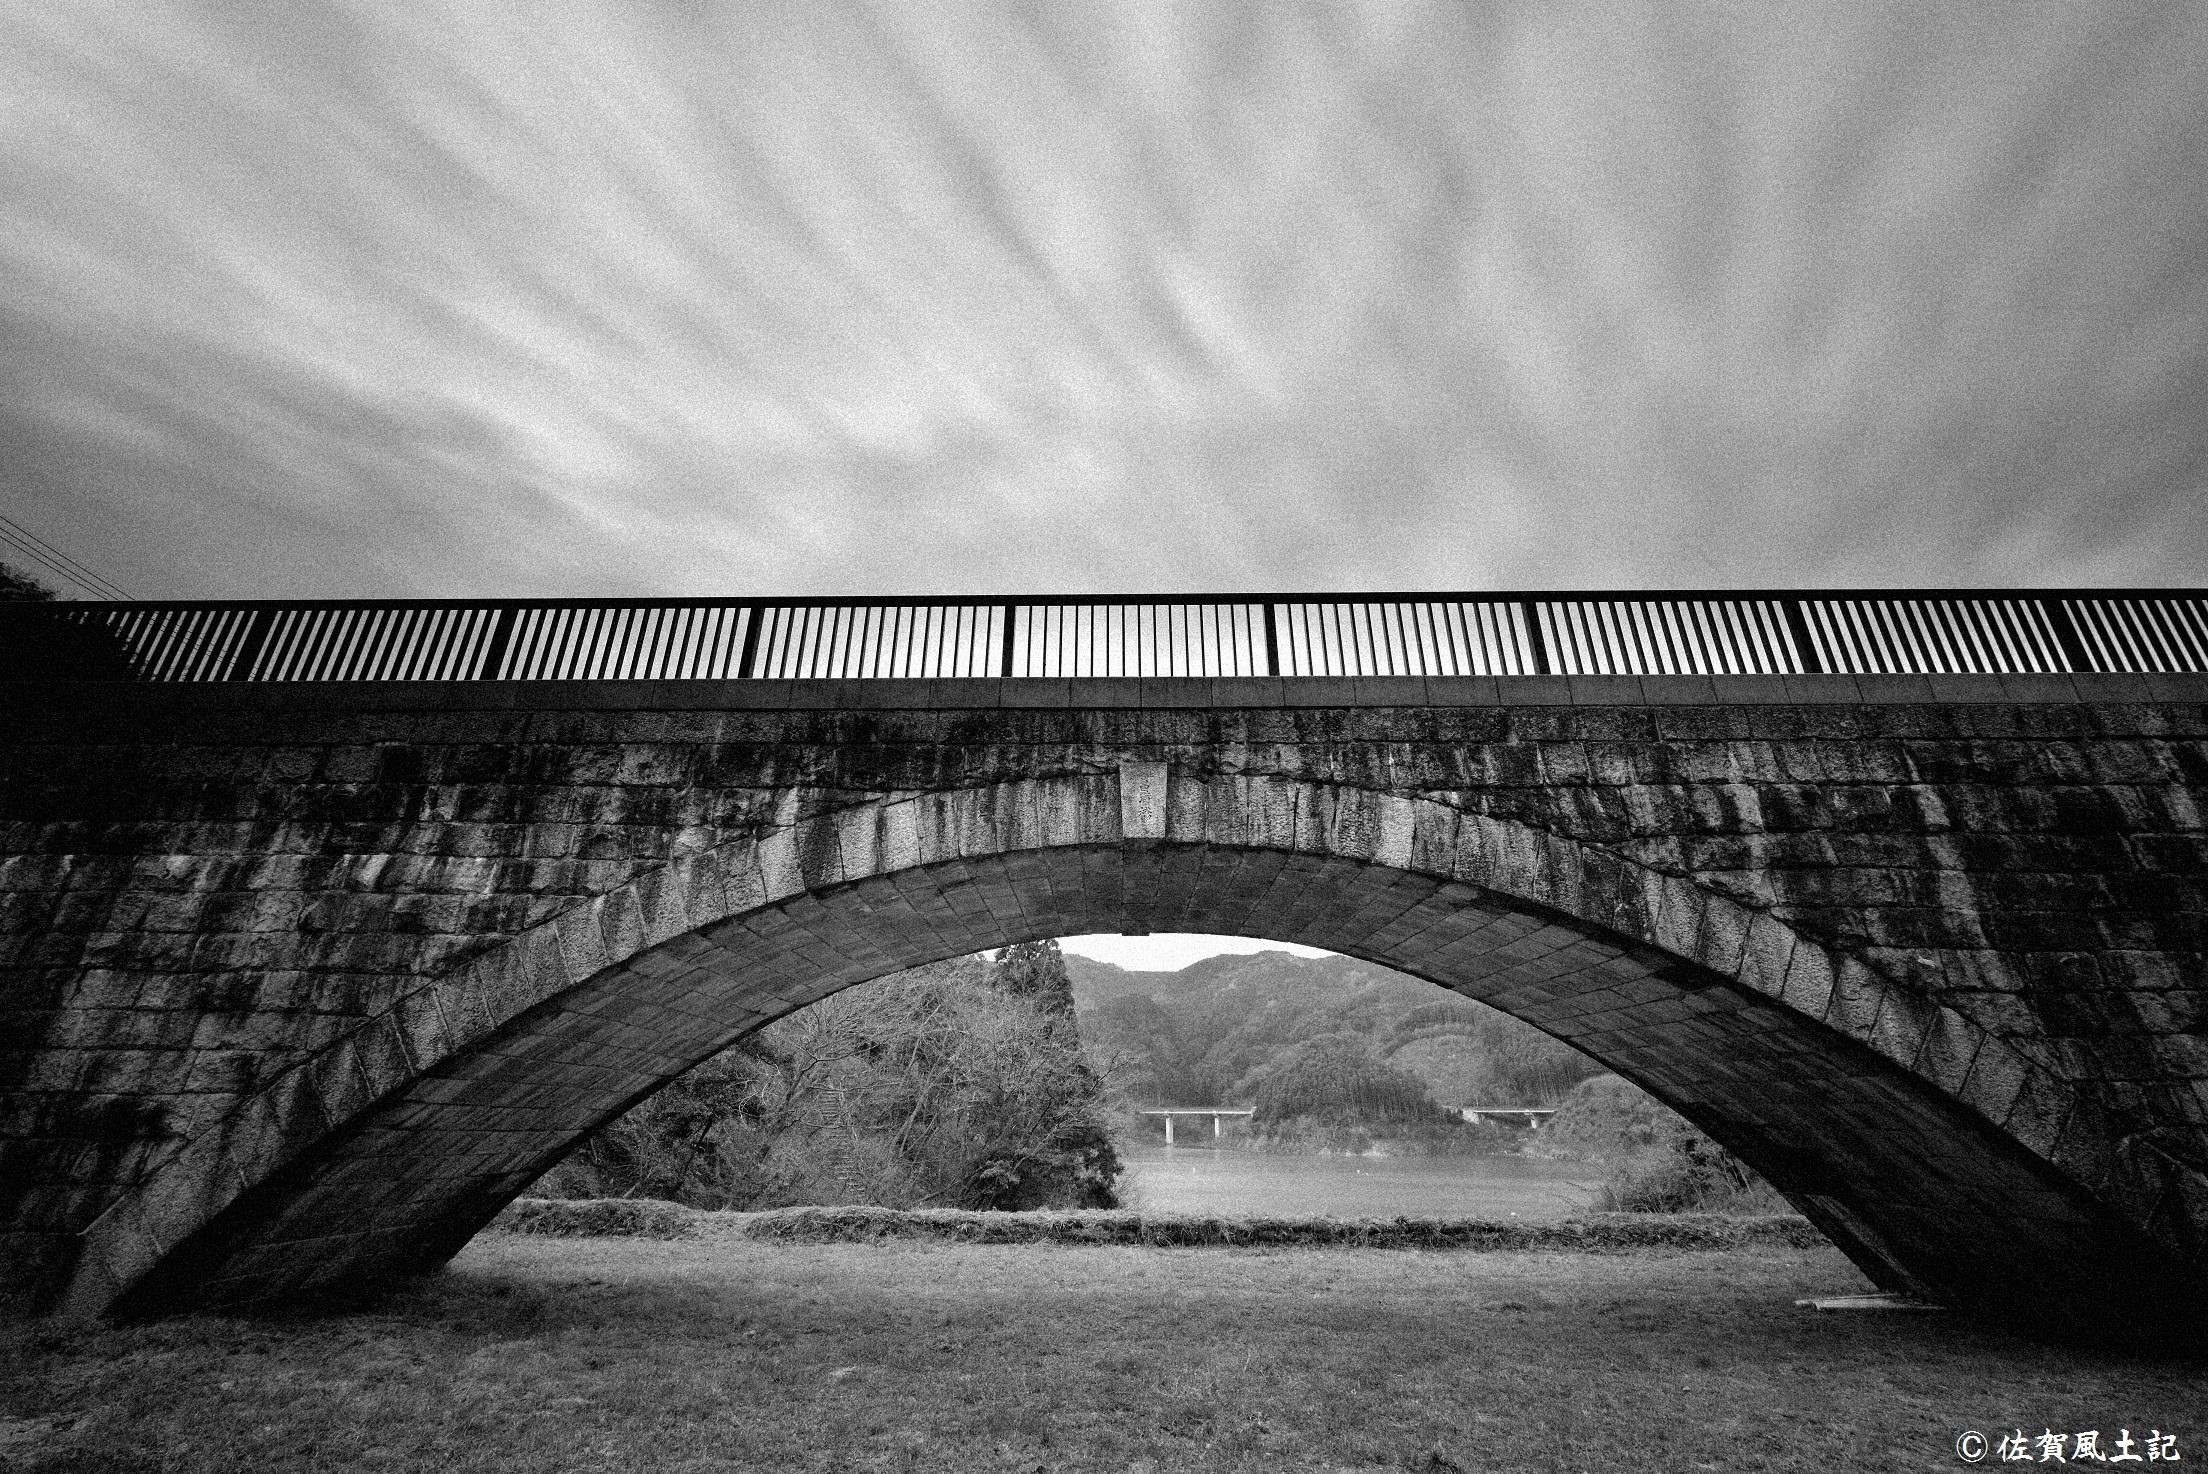 菖蒲(あやめ)橋